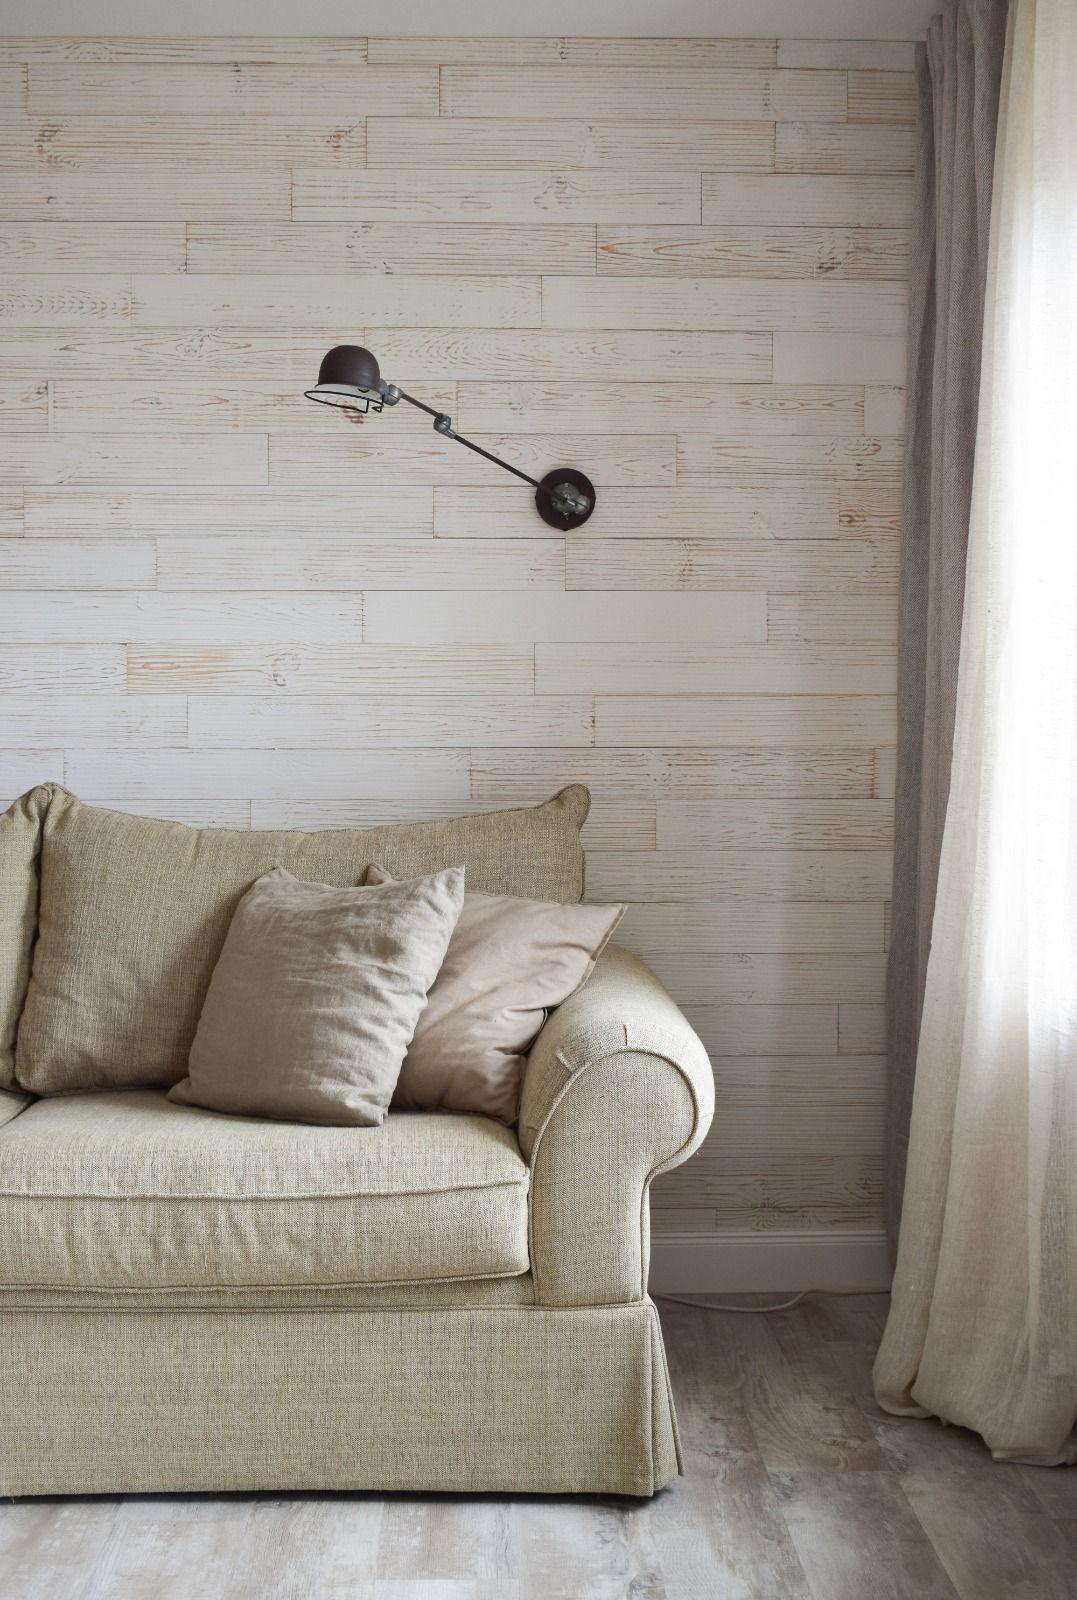 Wandverkleidung Aus Holz Einfach Kleben Wandverkleidung Holzpaneele Wandverkleidung Holz